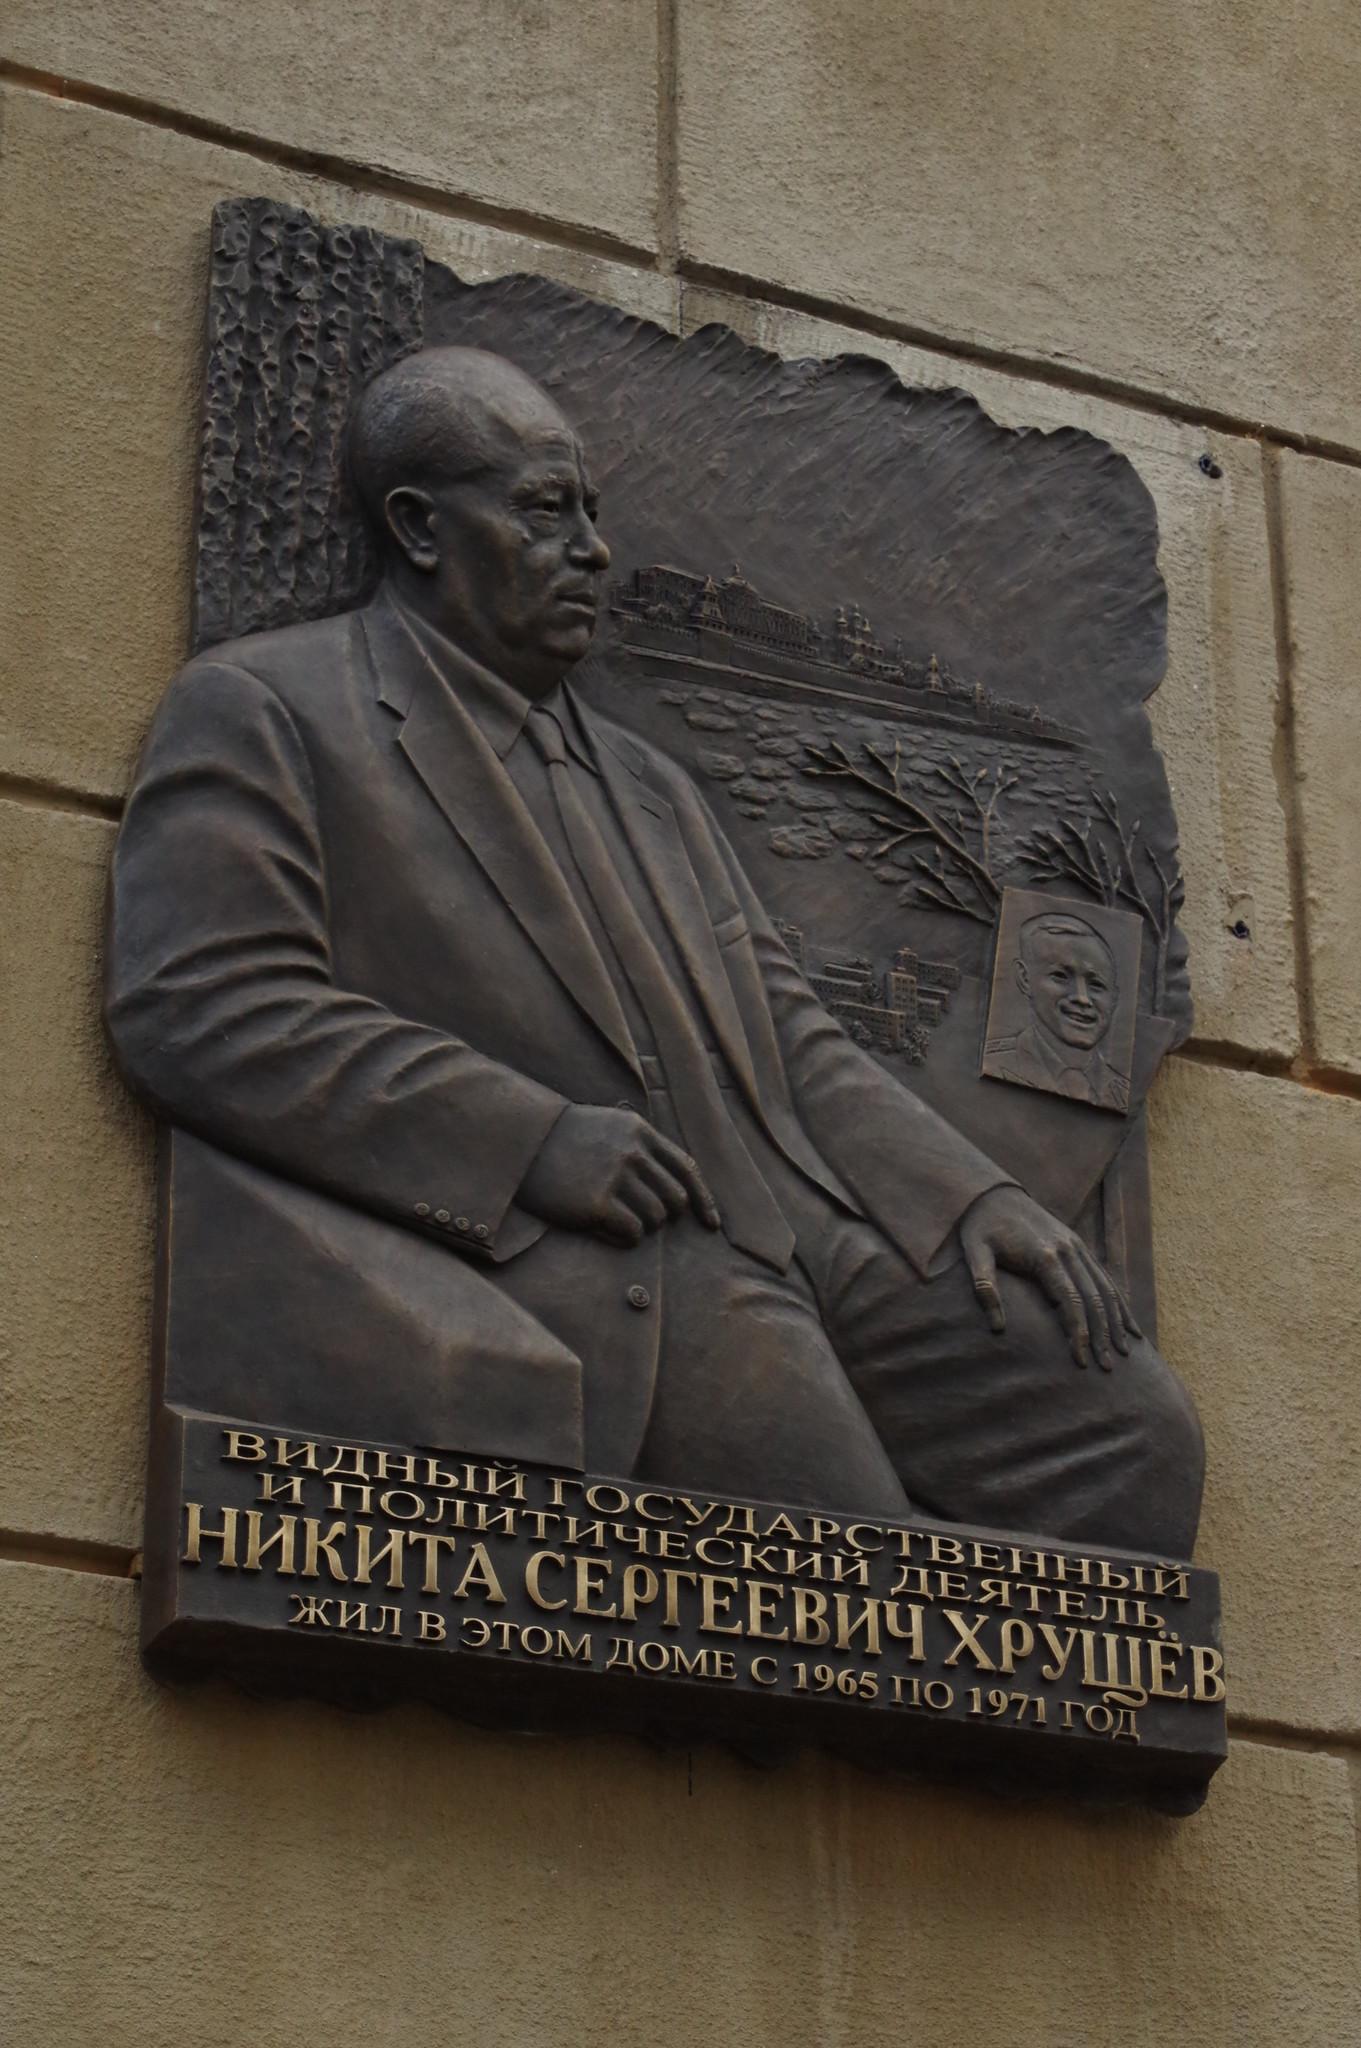 Мемориальная доска на доме (Староконюшенный переулок, дом 19), где с 1965 года по 1971 год жил Никита Сергеевич Хрущёв